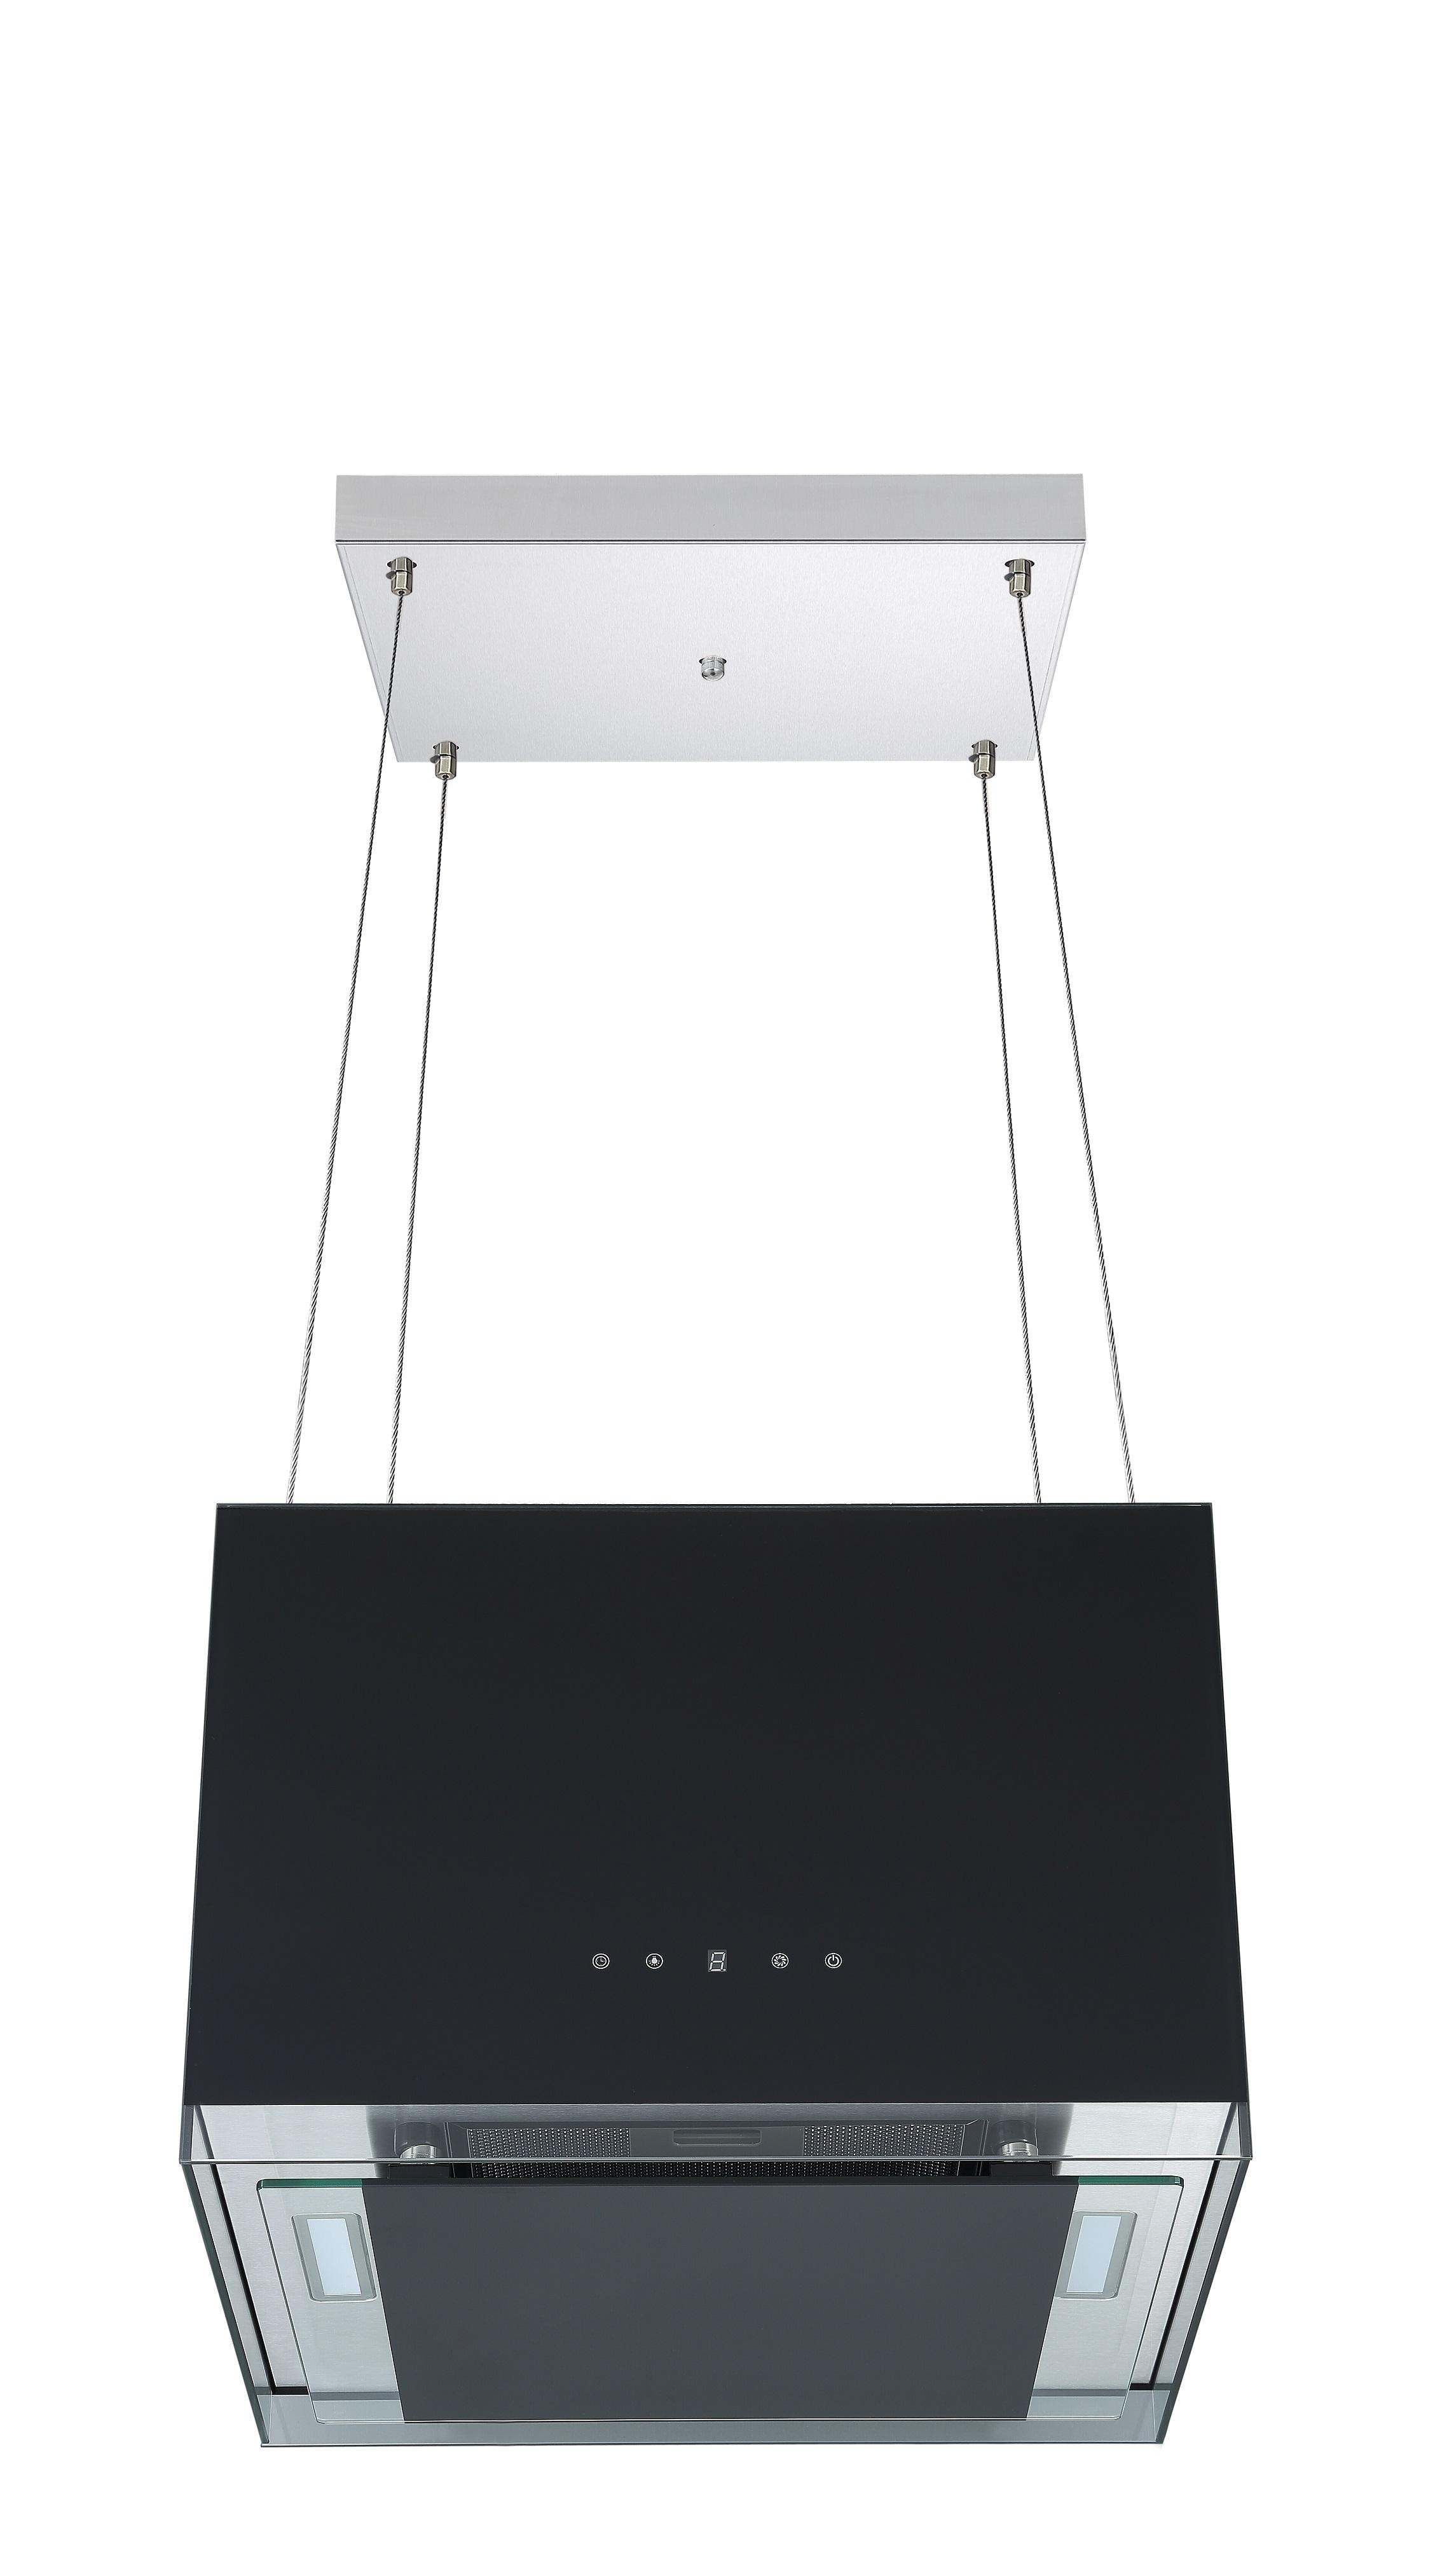 respekta Dunstabzugshaube Inselhaube freihängend 50cm Designhaube schwarz Touch